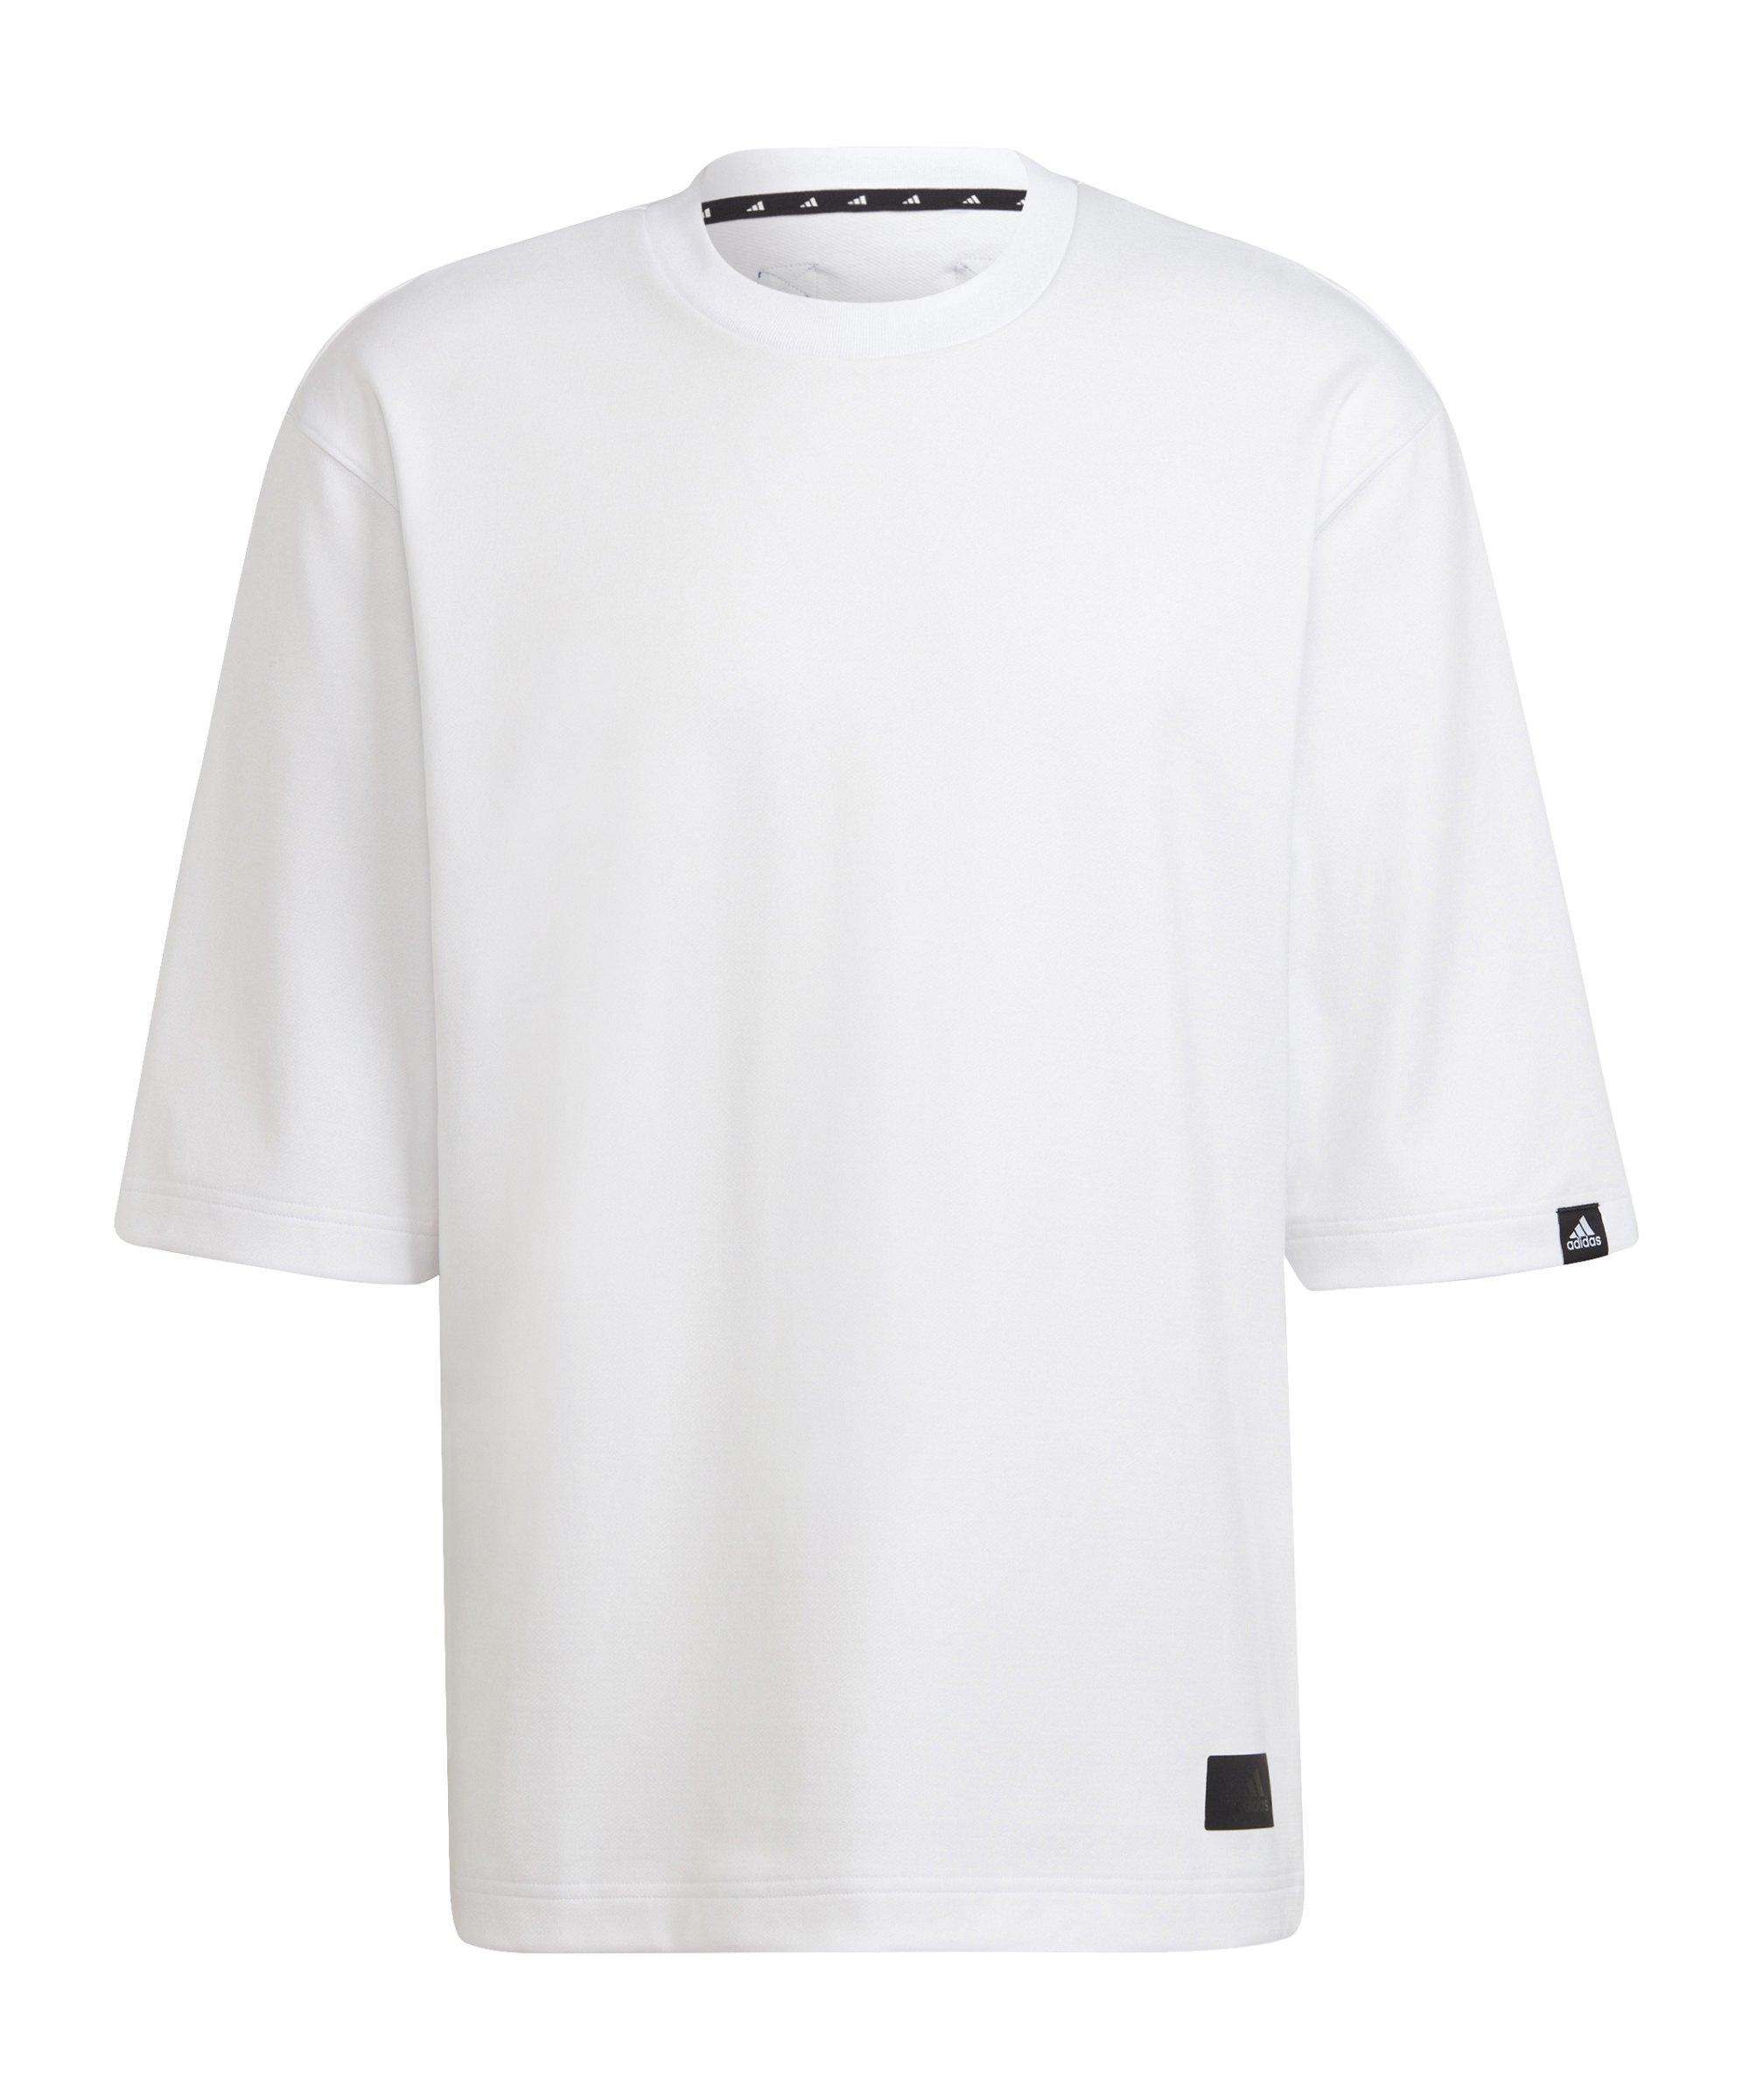 adidas Loose T-Shirt Weiss - weiss